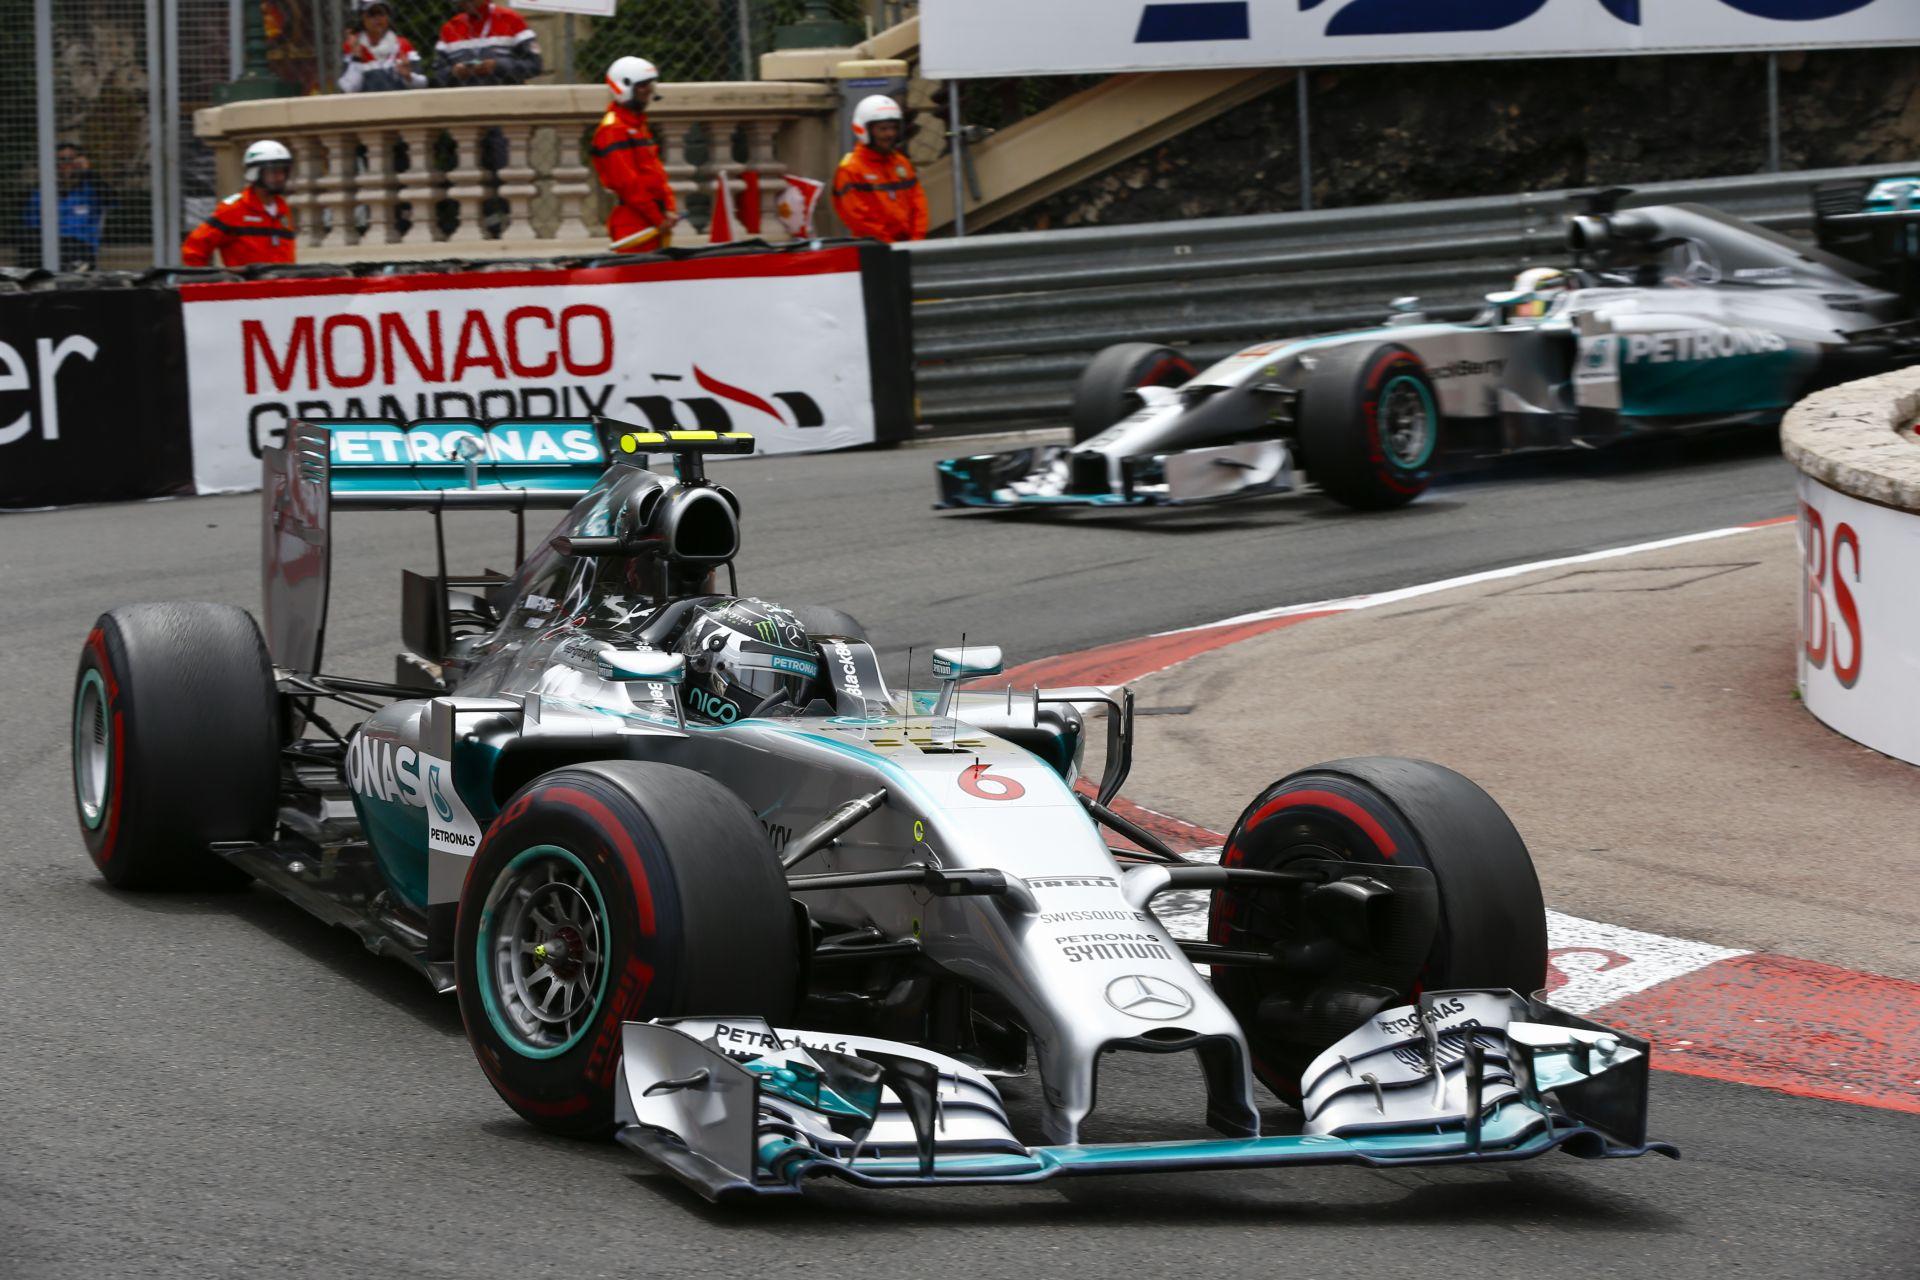 Mercedes: Ha ez így megy tovább, nem lesz csapatutasítás Hamilton és Rosberg között